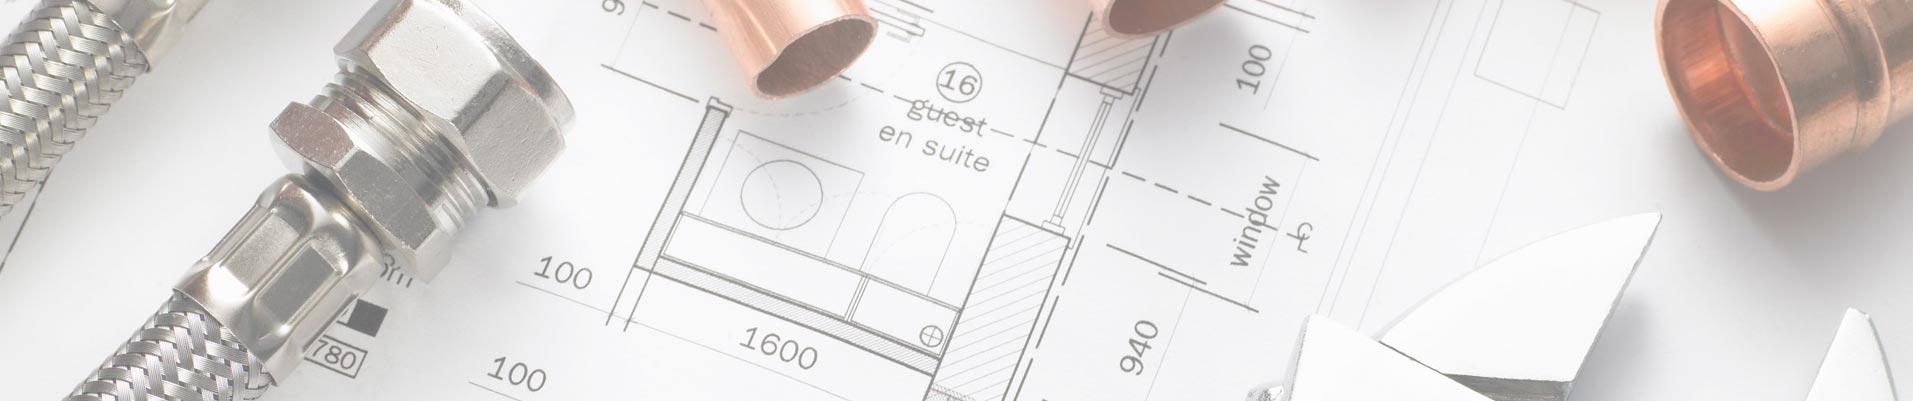 empresa-sugas-instalaciones-asturias-proyectos